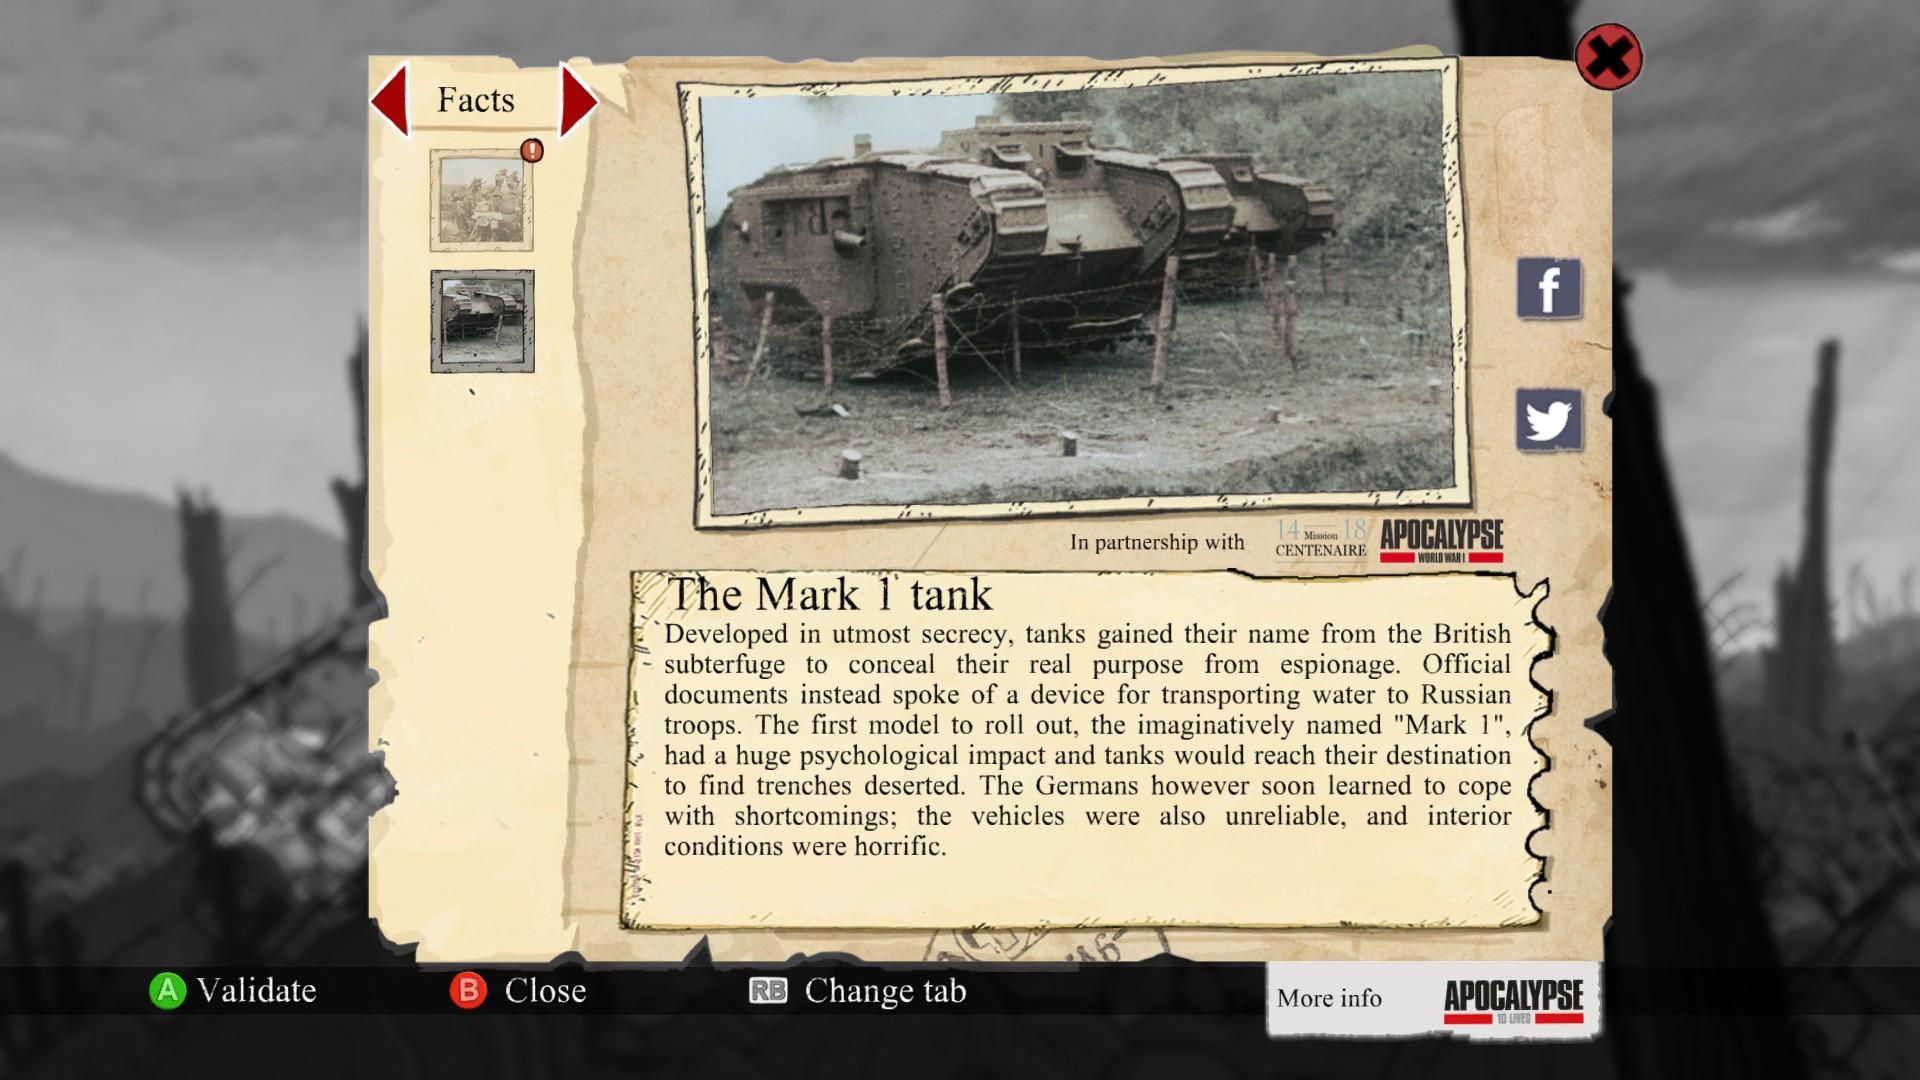 Celá hra je prešpikovaná opismi udalostí, miest a predmetov súvisiach s vojnou.